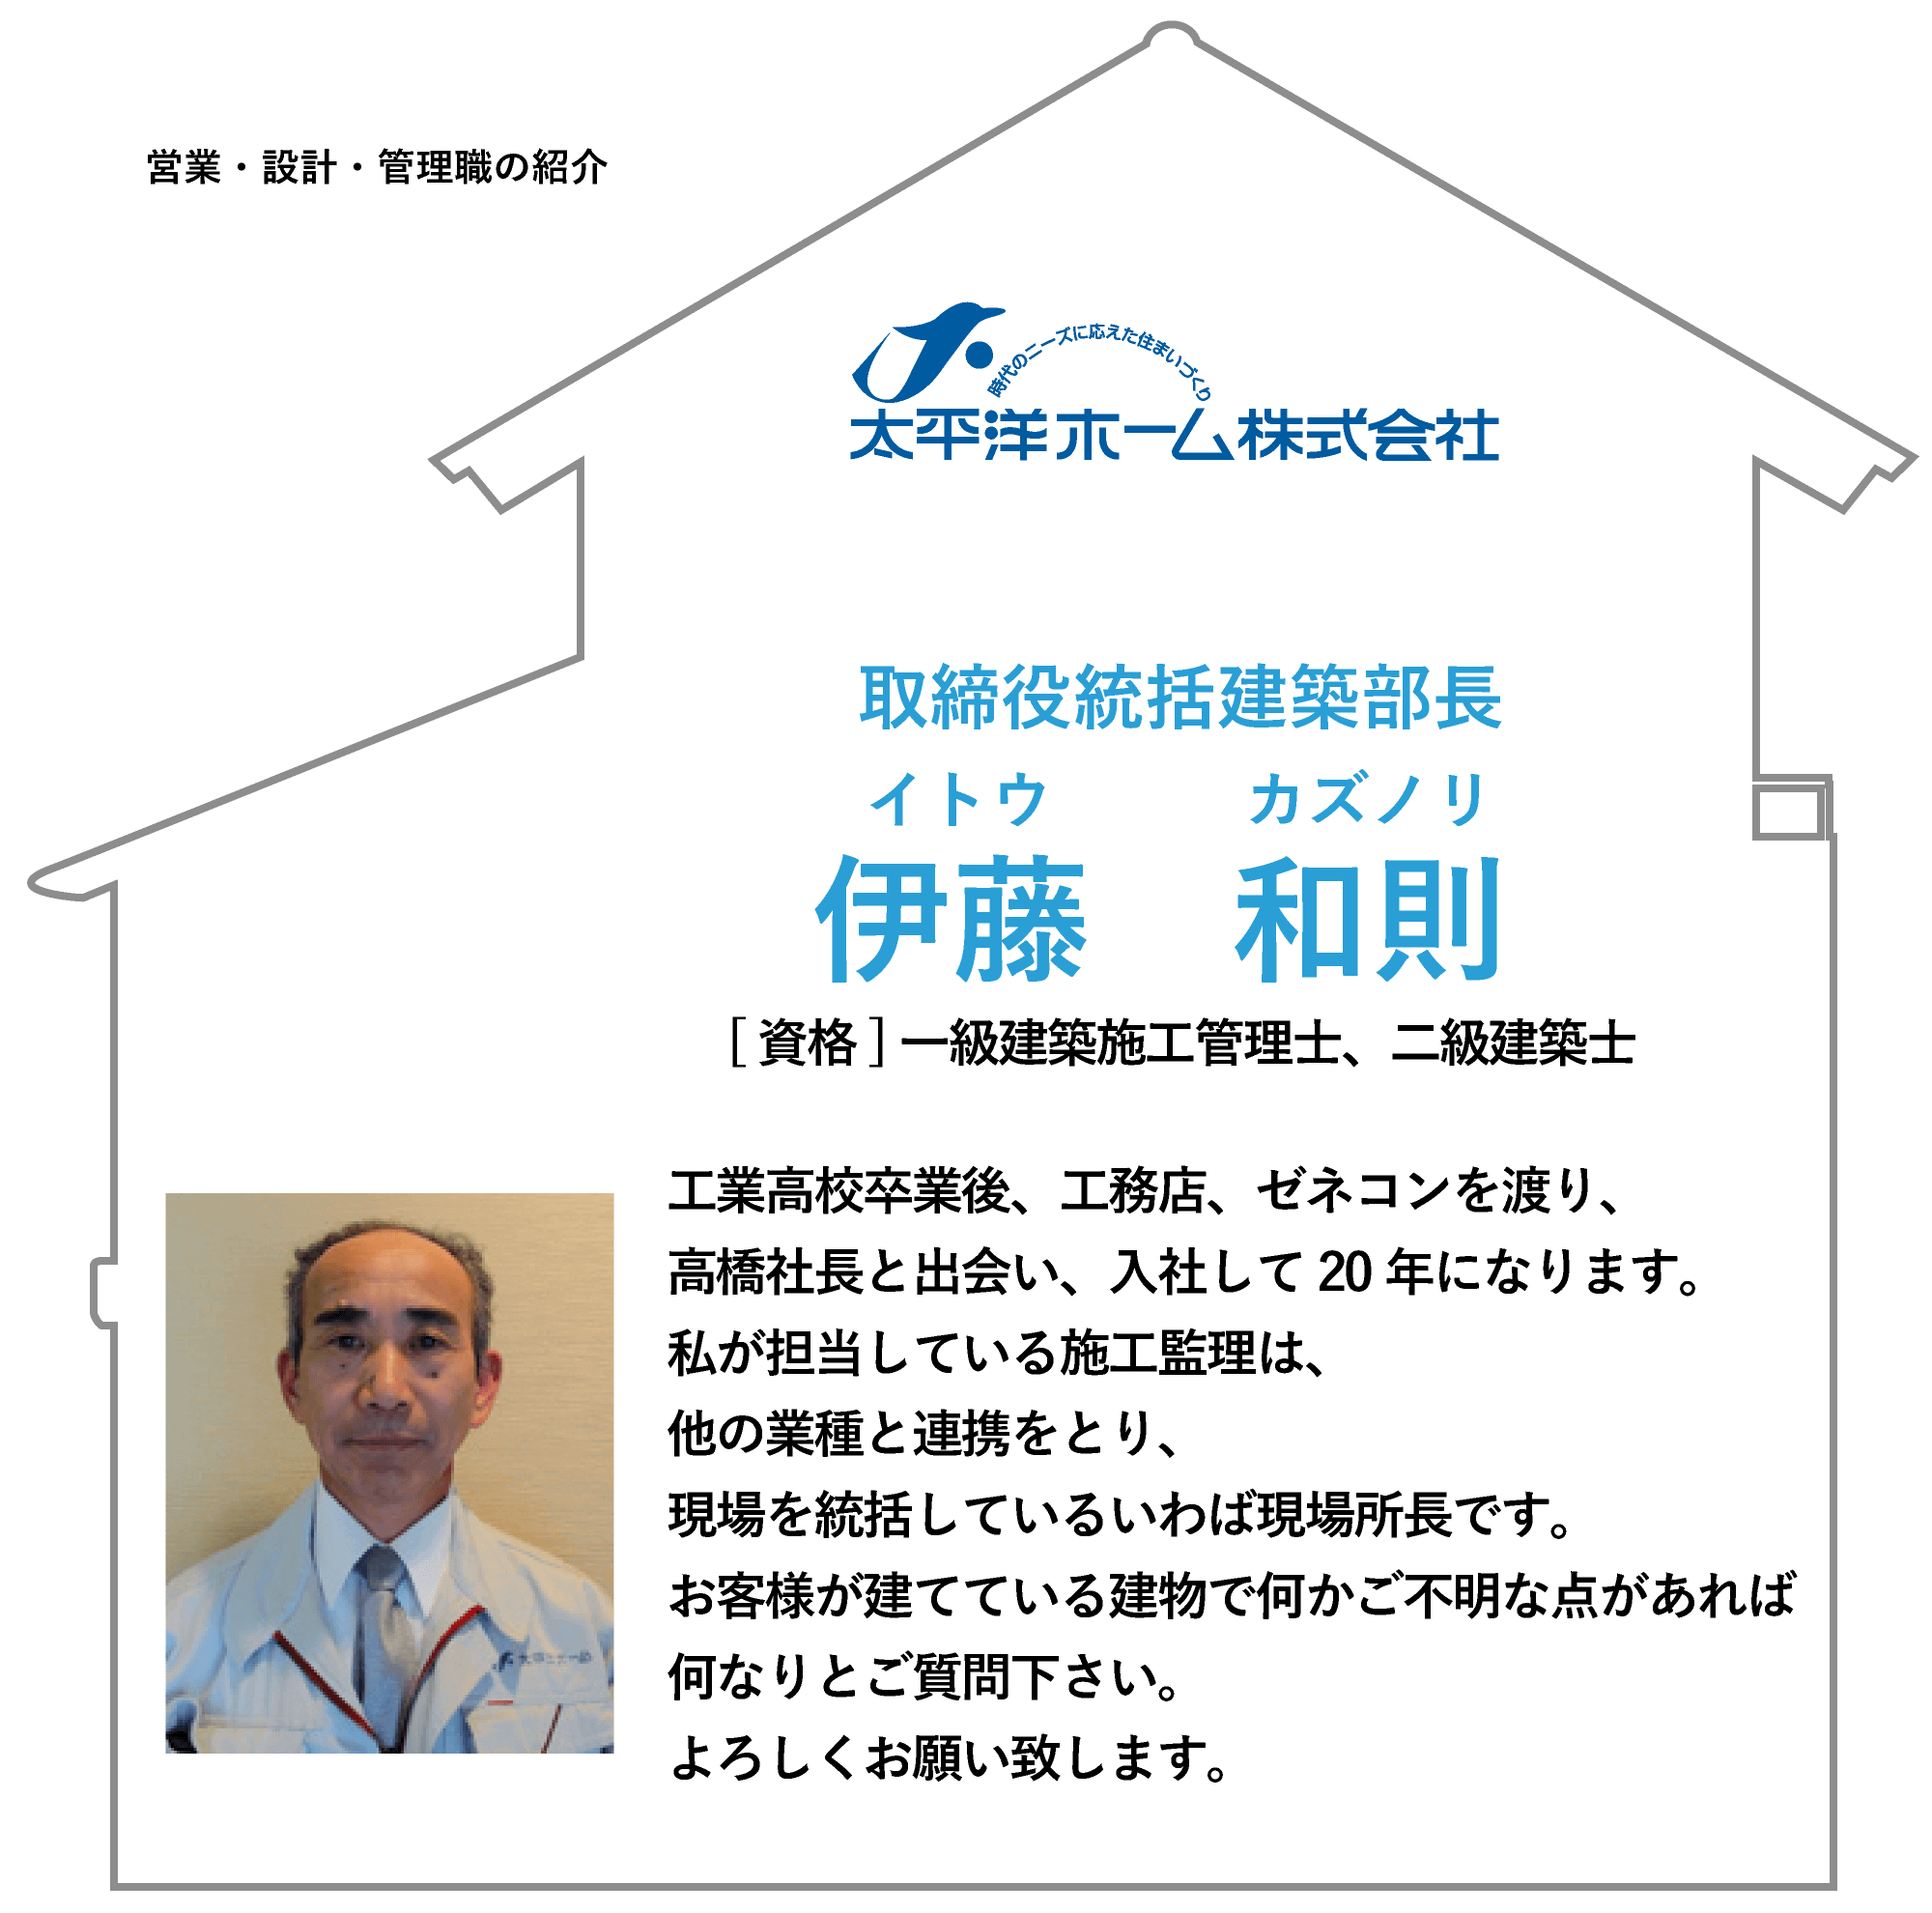 スタッフ紹介03